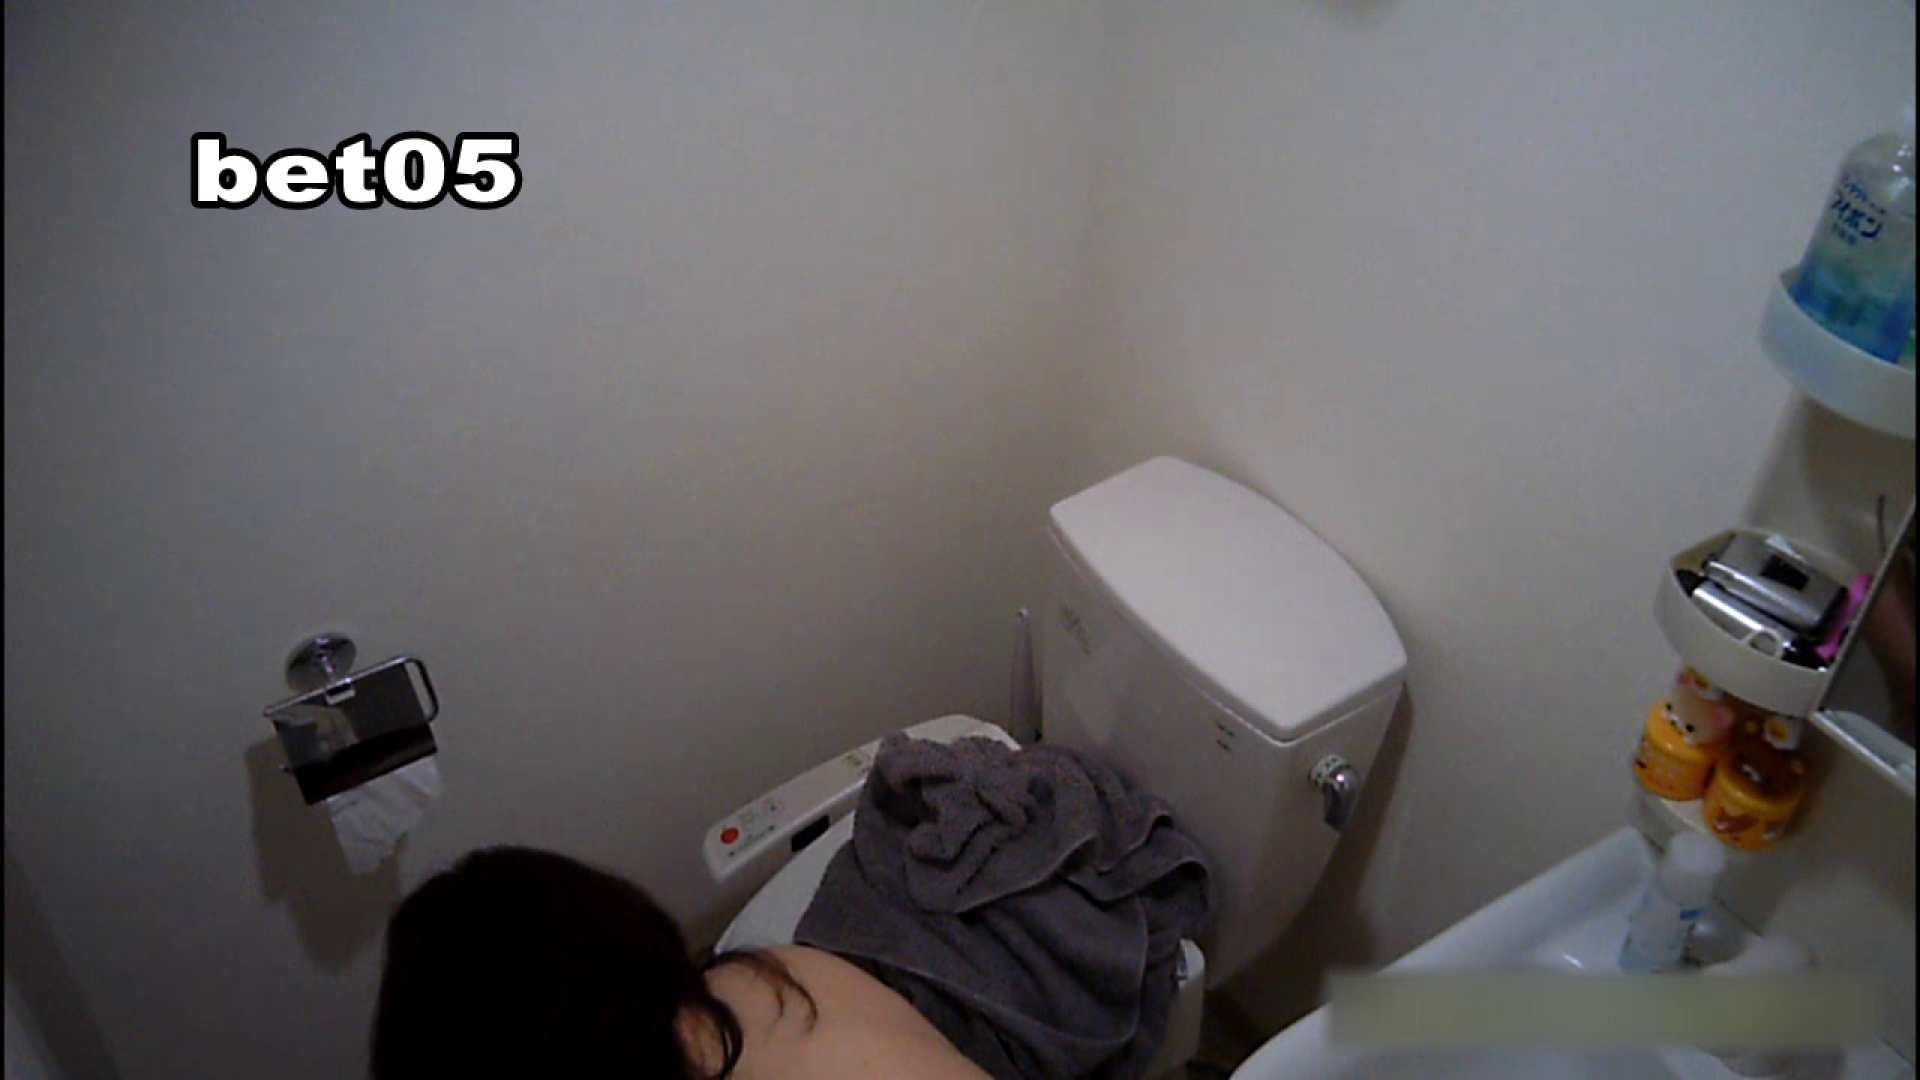 ミキ・大手旅行代理店勤務(24歳・仮名) vol.05 オマケで全裸洗面所も公開 リベンジ  100PIX 40